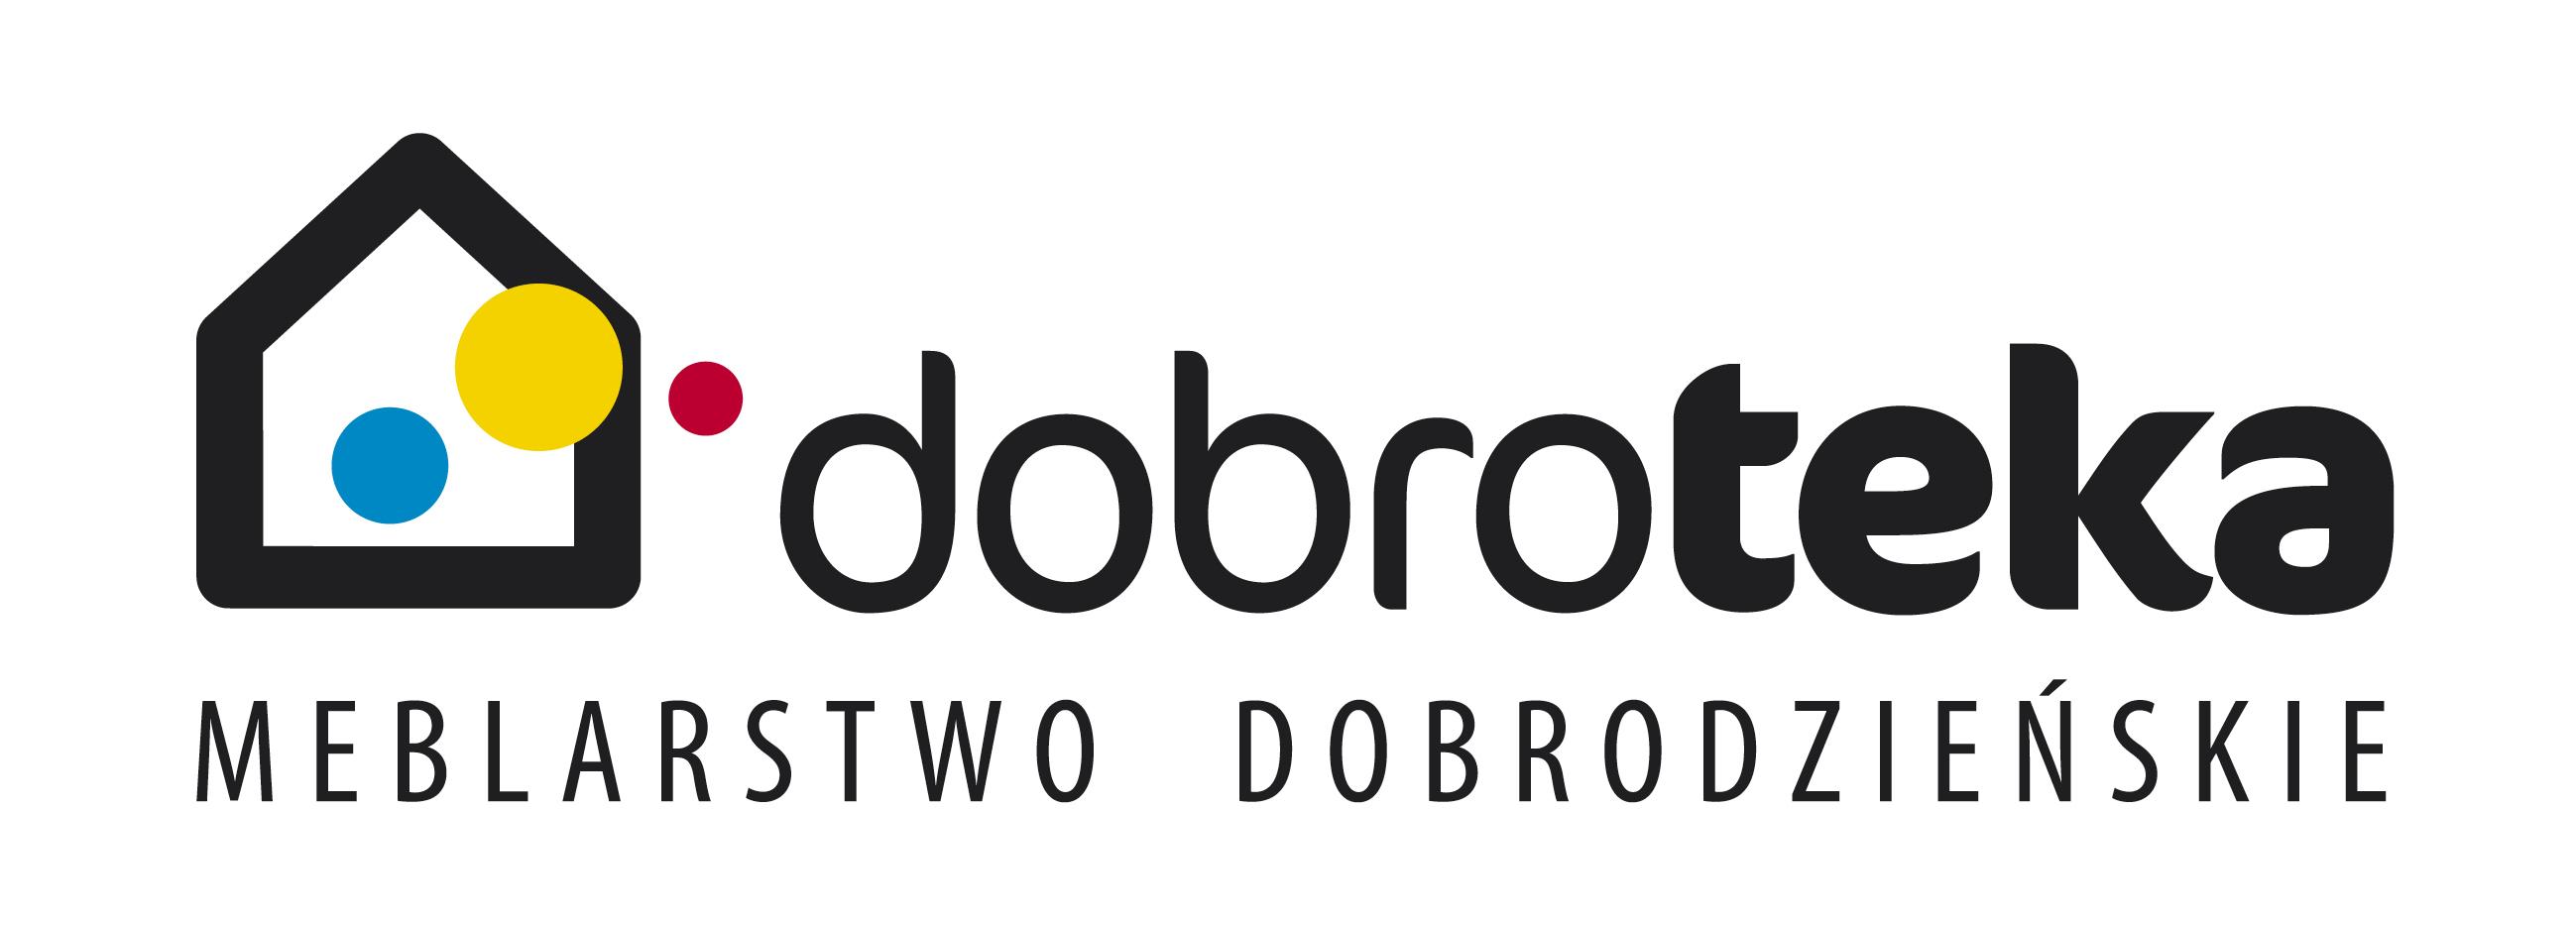 Meblarstwo_Dobrodzieskie